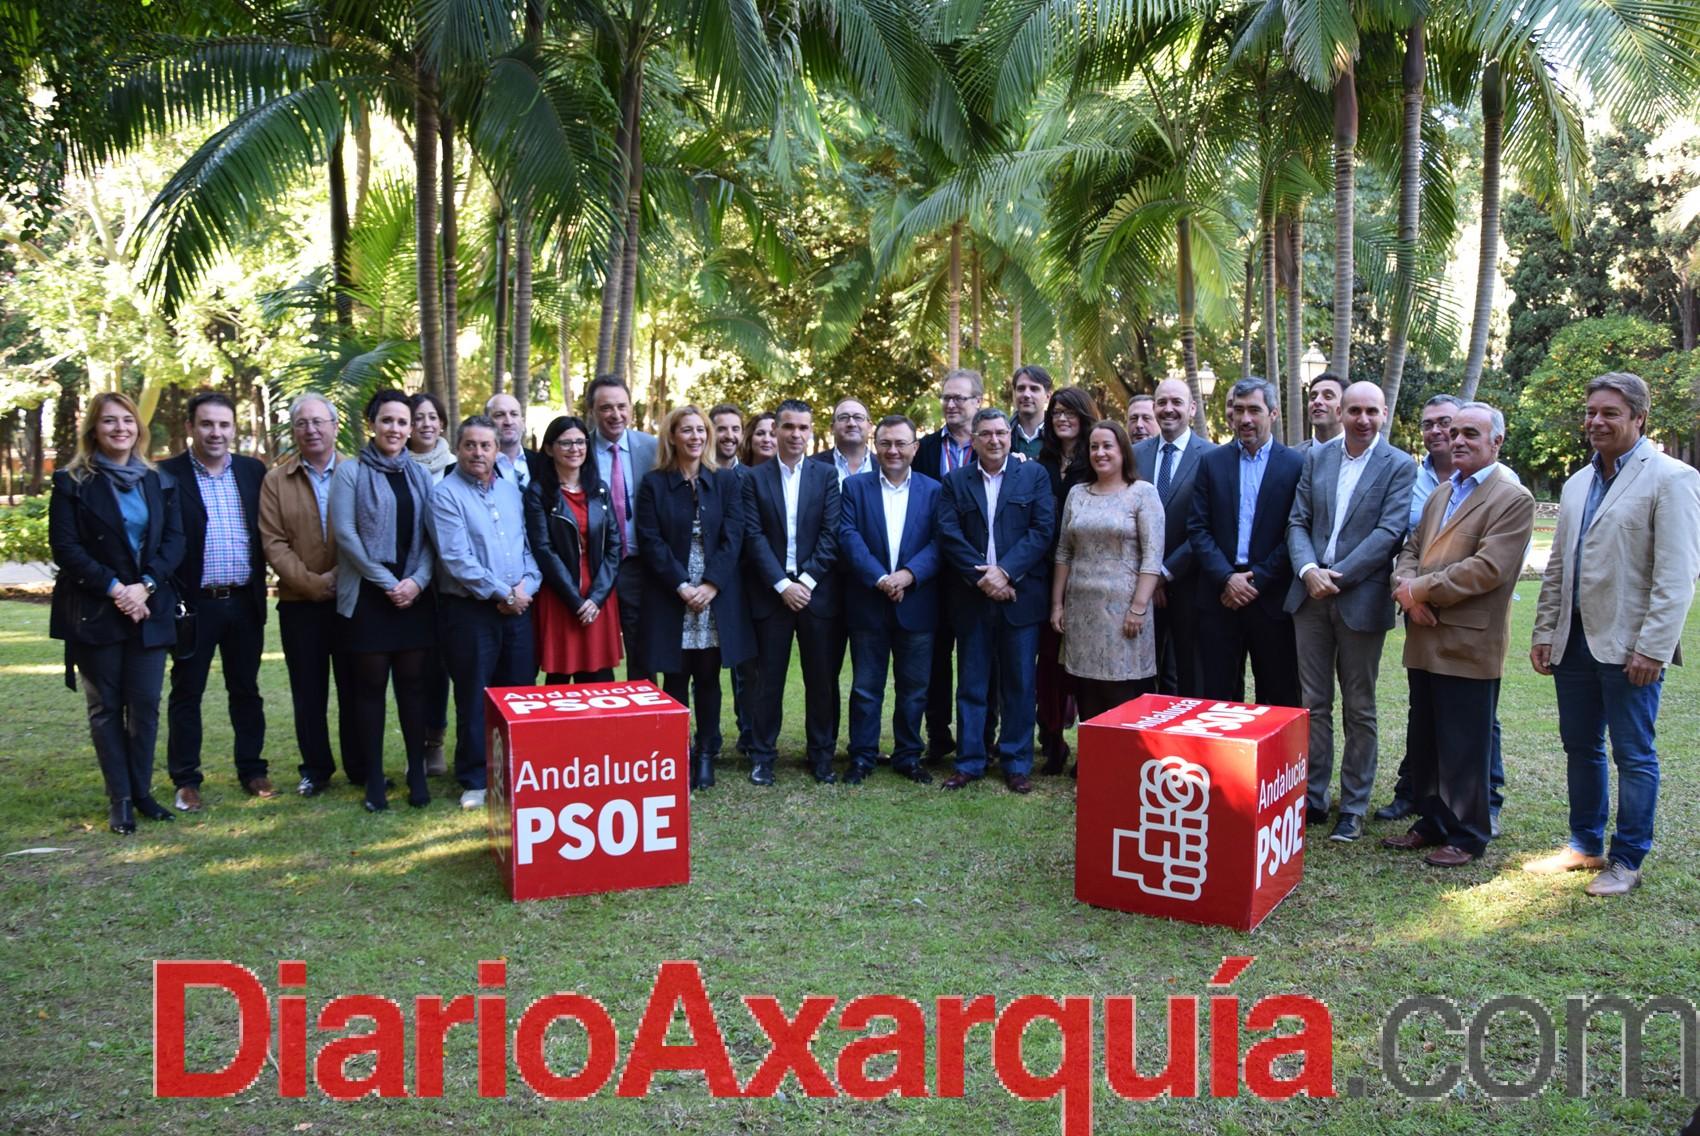 El PSOE derogará la ley de reforma local del PP y potenciará el papel de los ayuntamientos